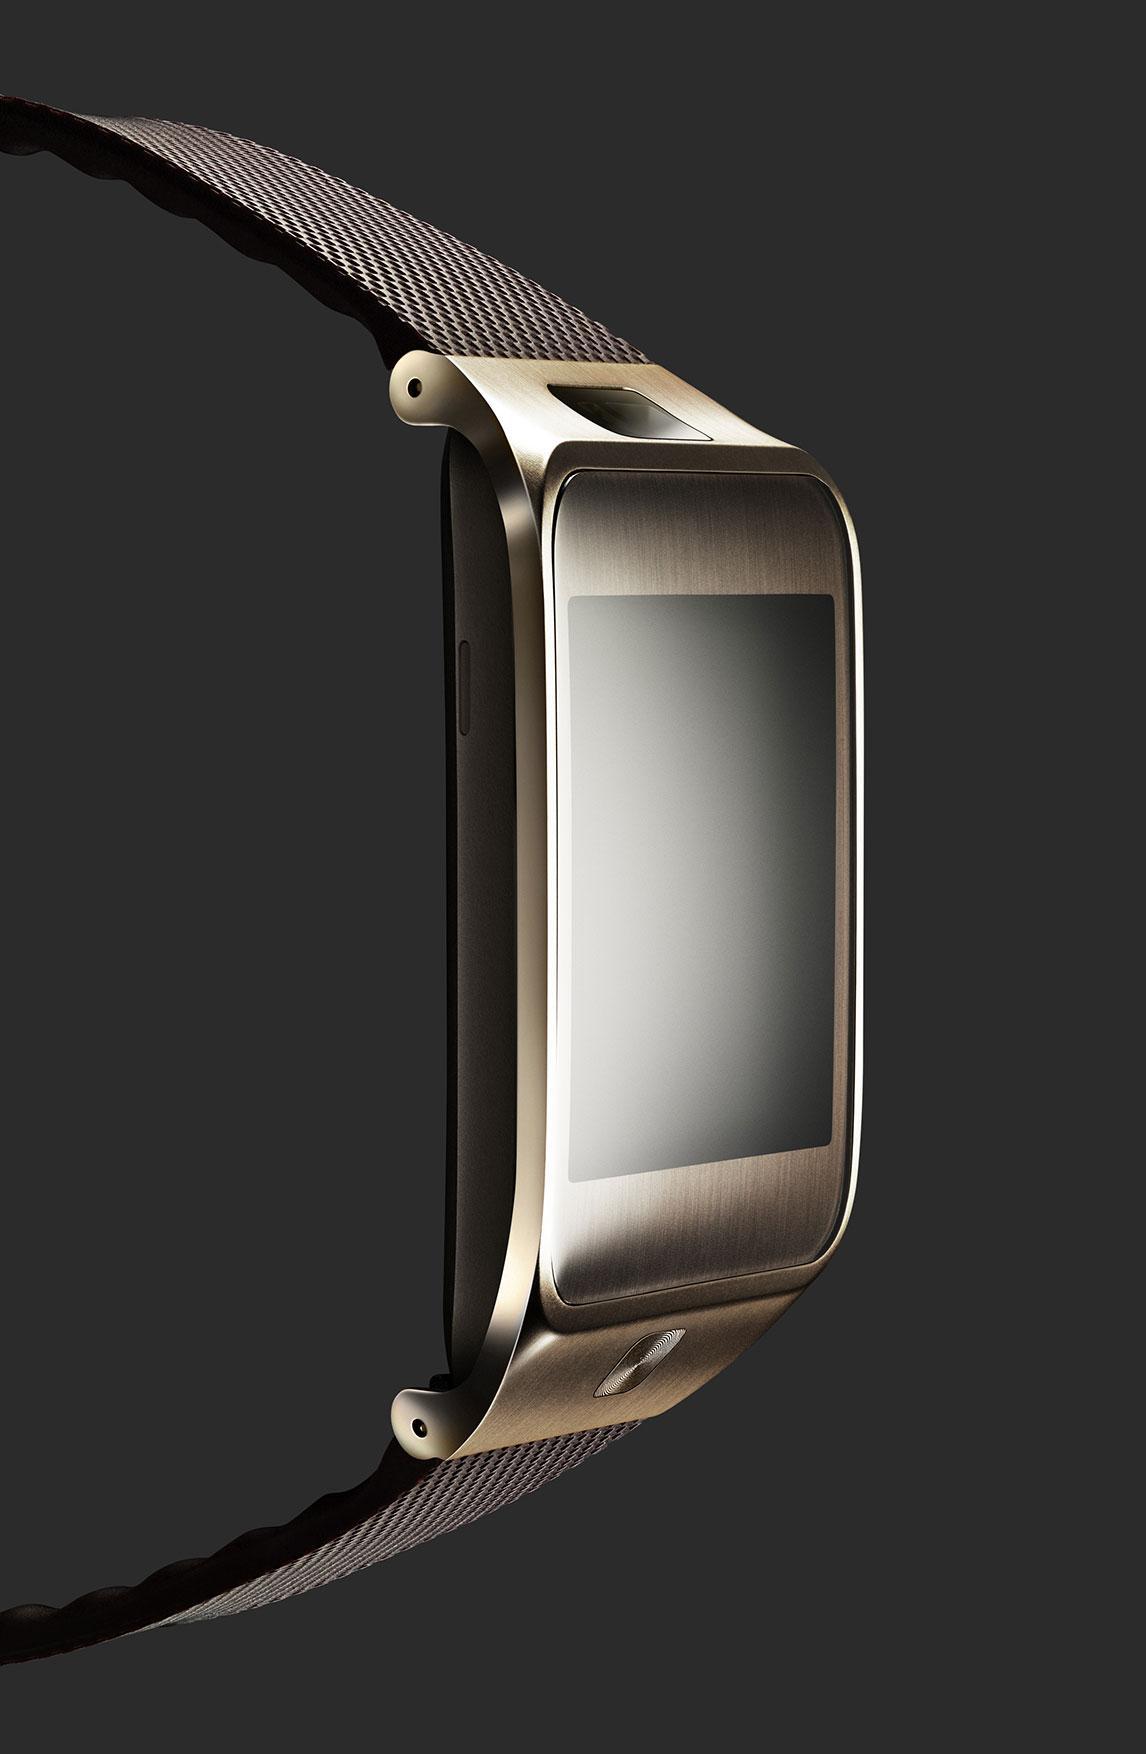 Samsung Gear 2 de color visto de lado